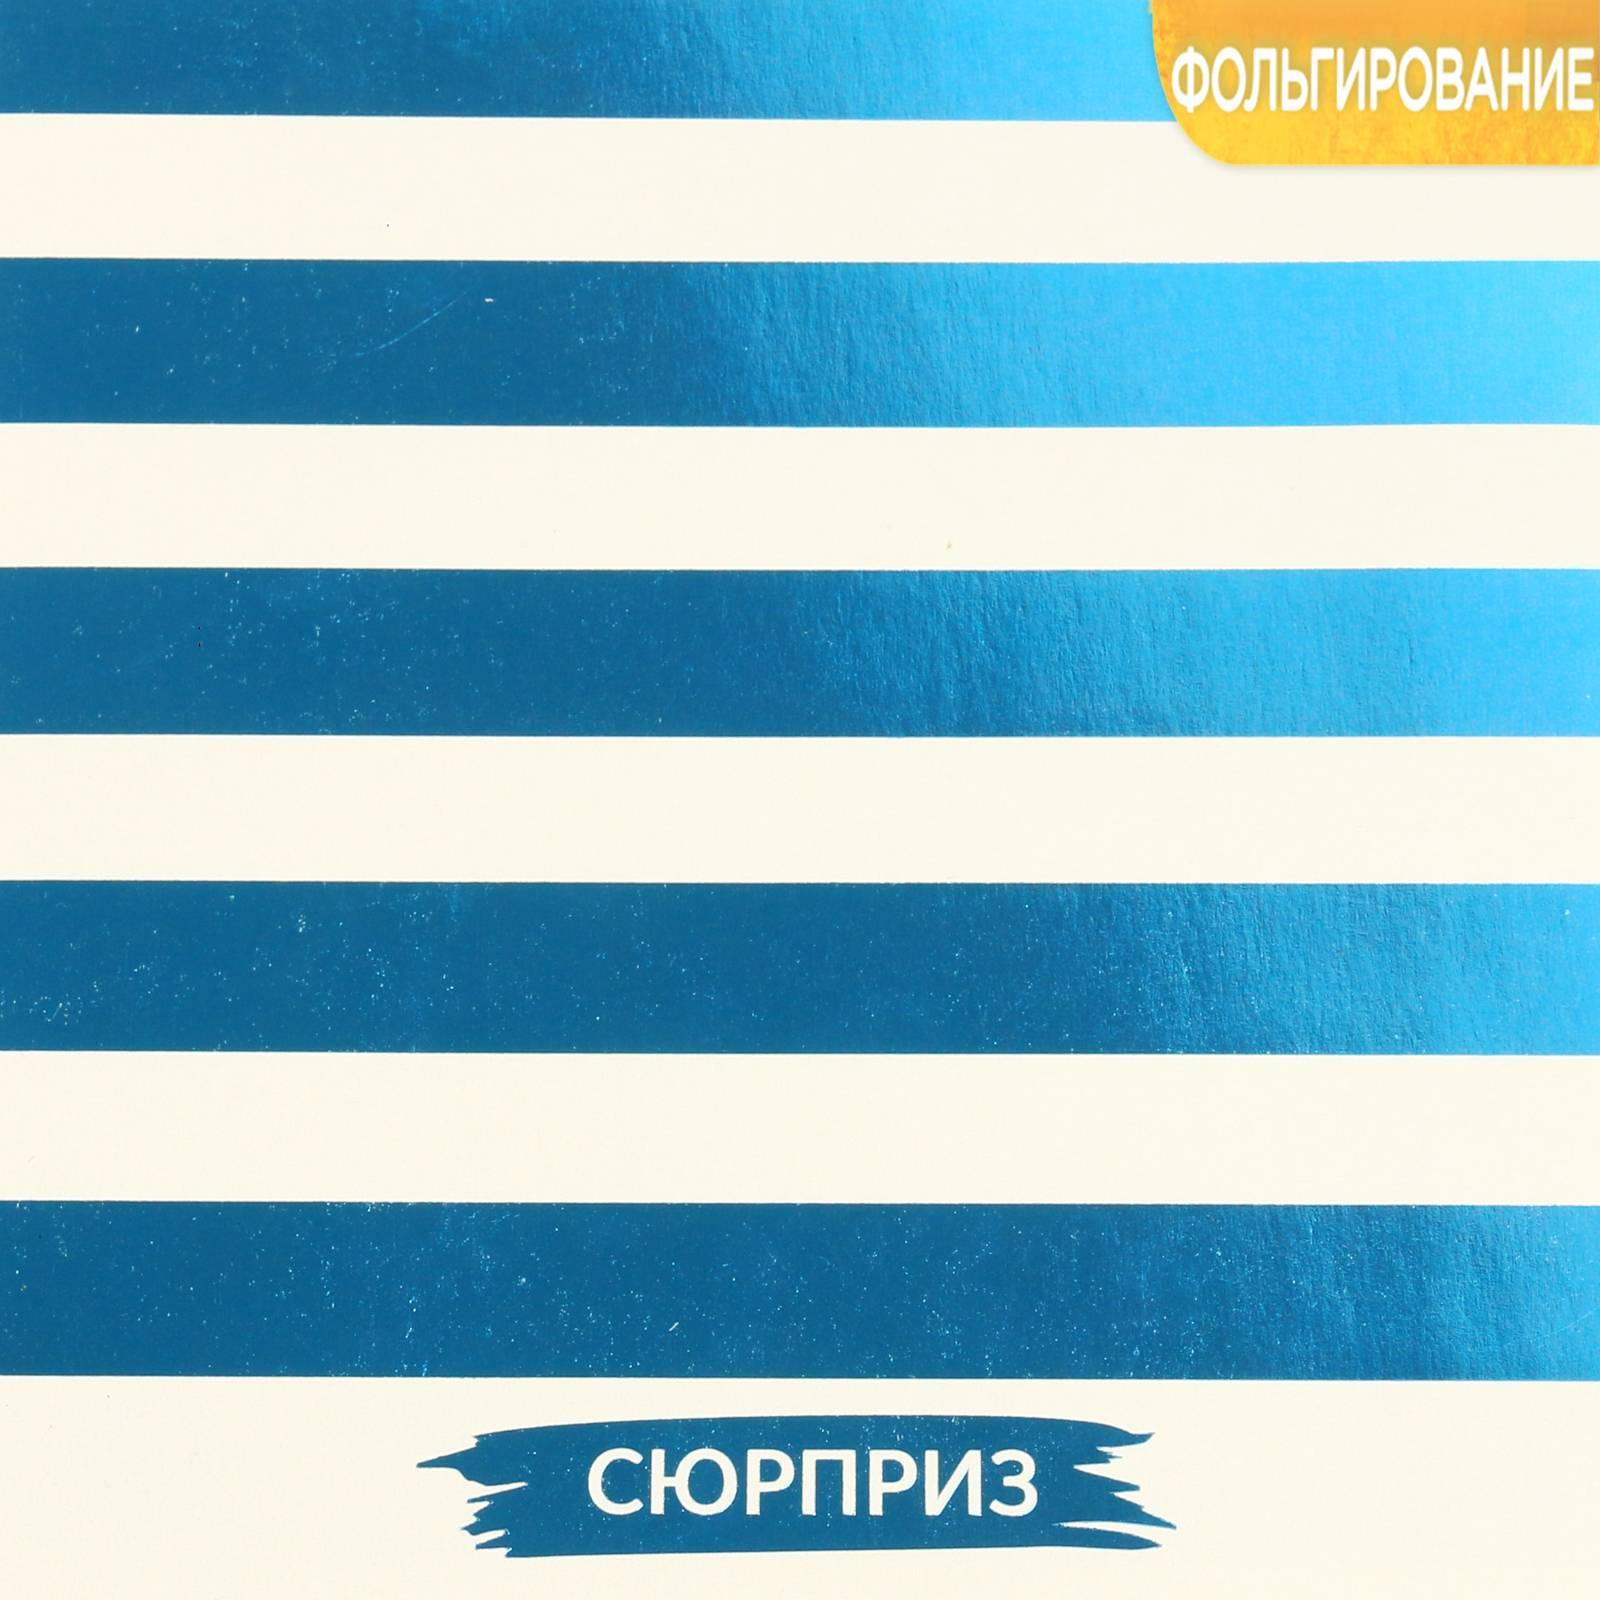 Бумага для скрапбукинга, жемчужная с фольгированием, Сюрприз, 20×20 см, 250 г/м, АртУзор